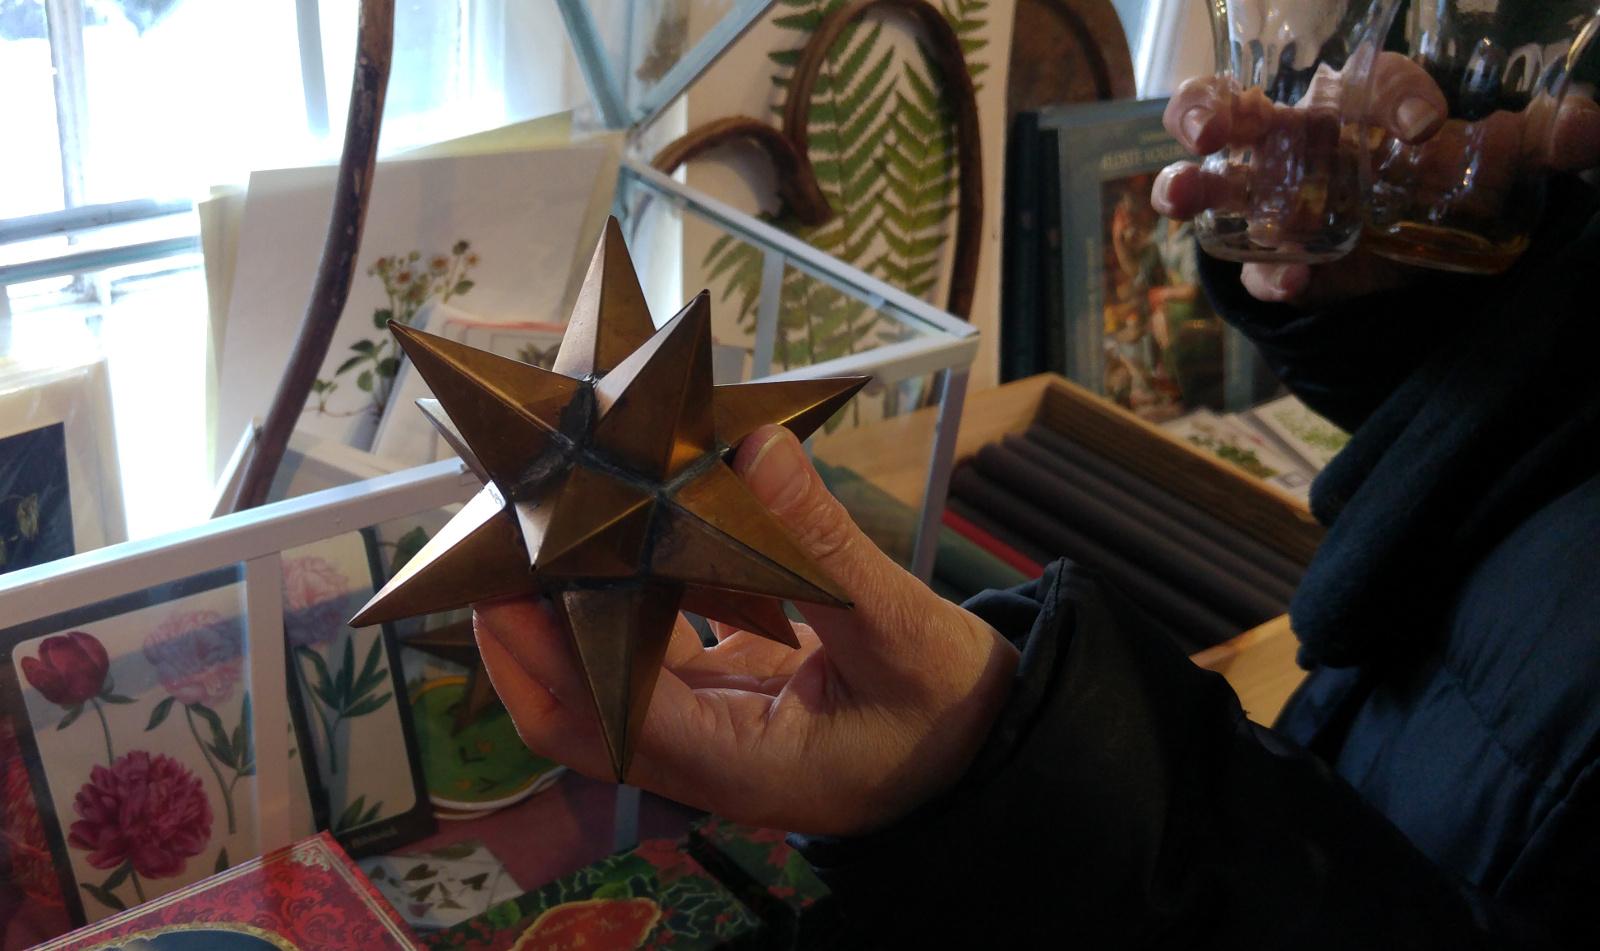 Paradehuset metalstjerne og ciderglas